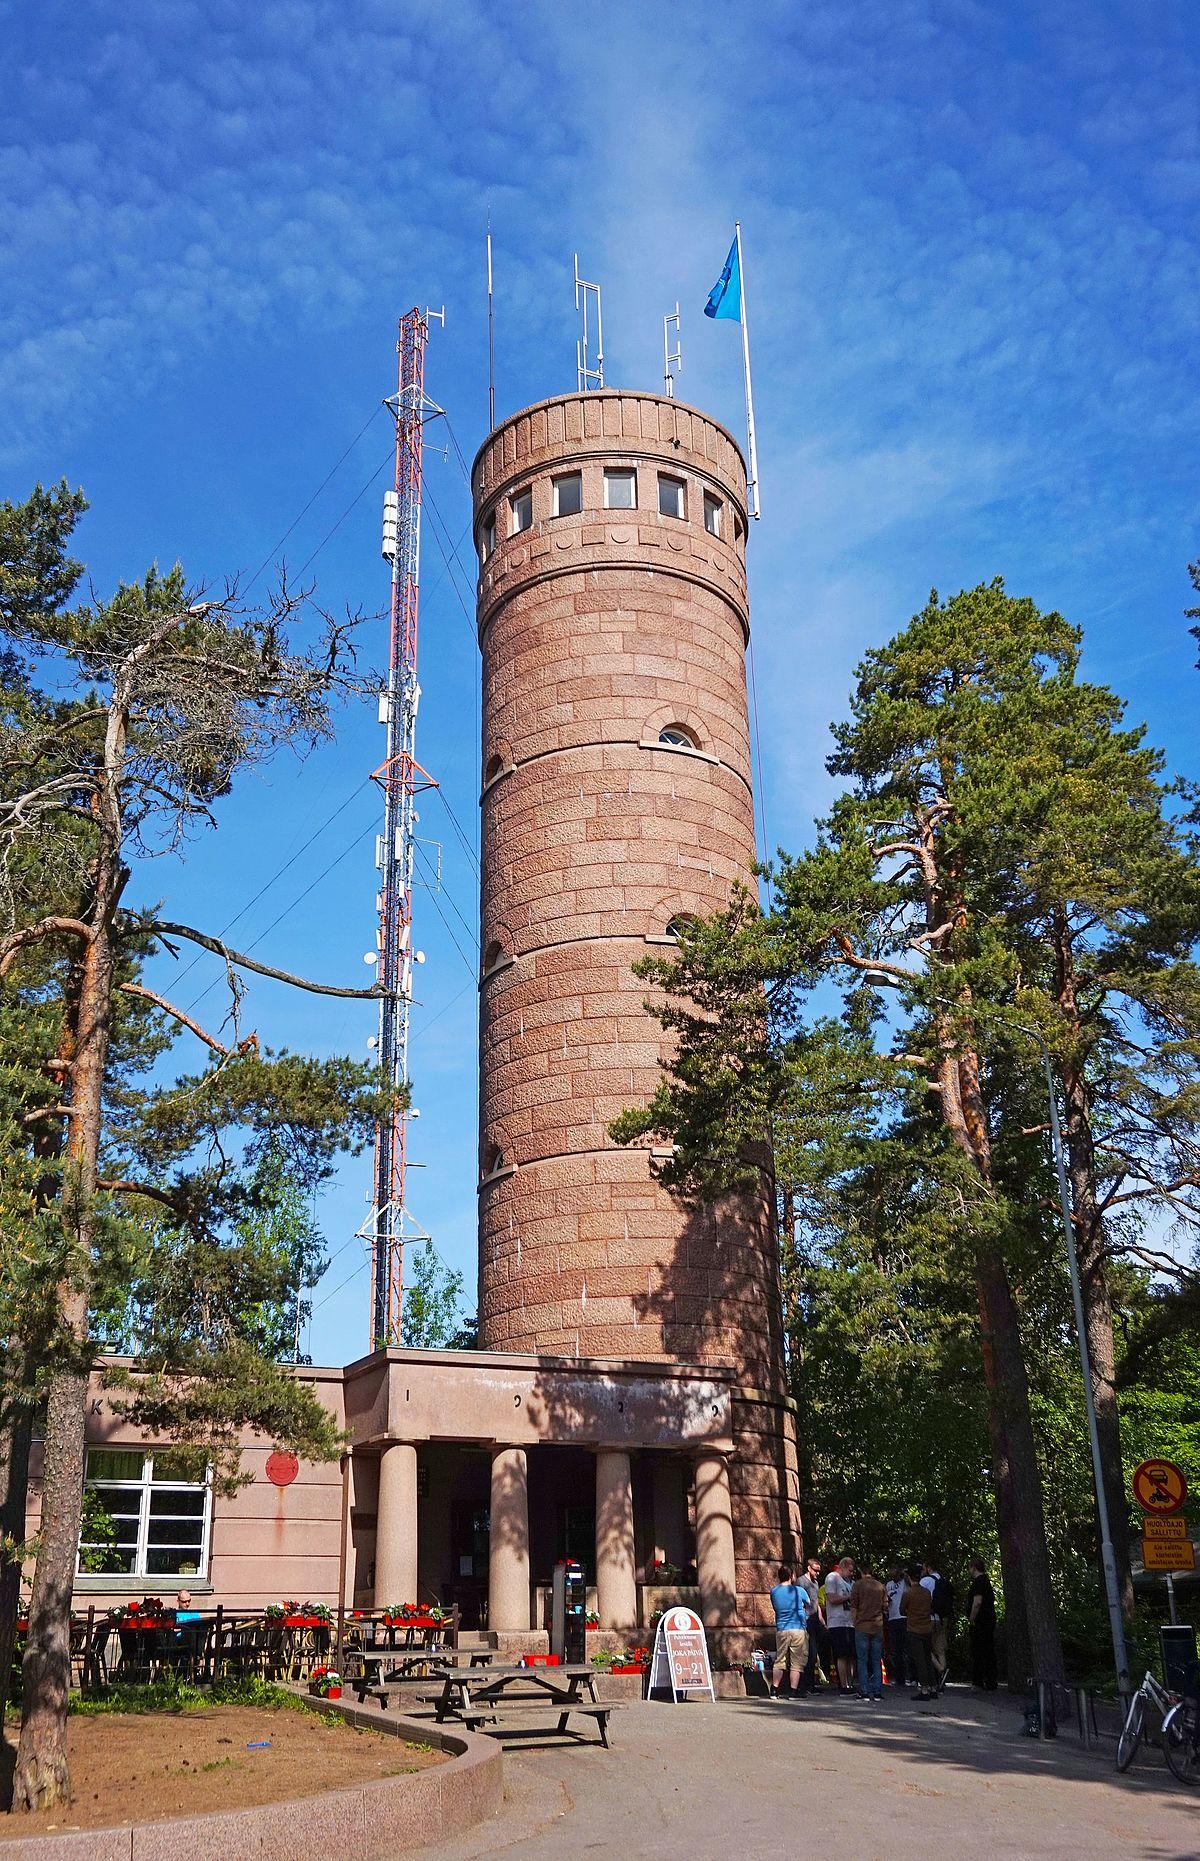 pyynikki observation tower wikipedia